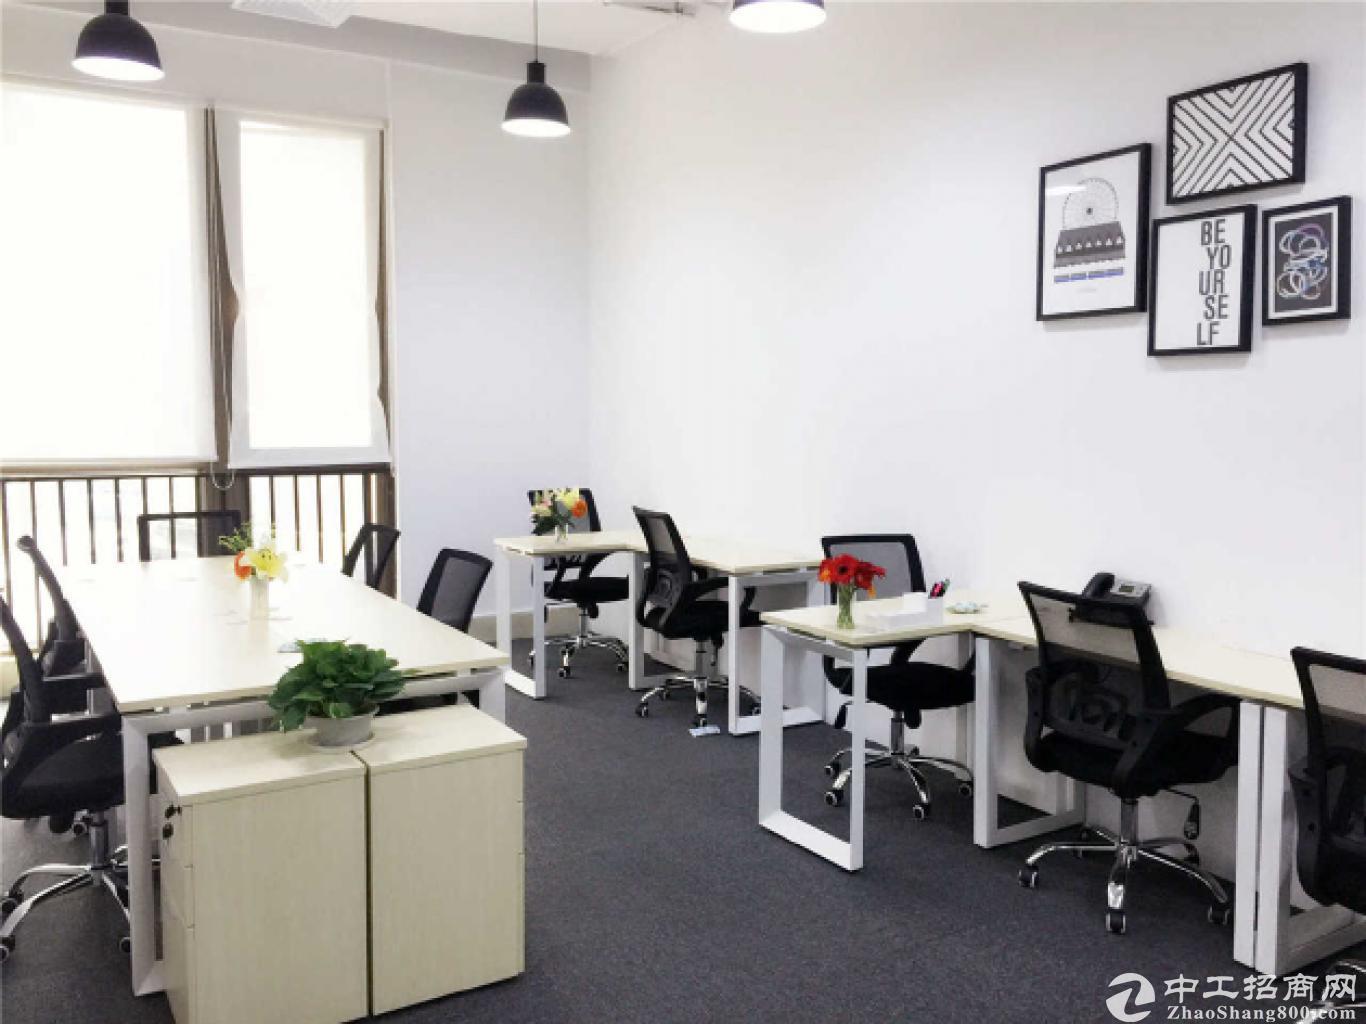 南山永新汇办公室出租 繁华地区 高逼格低成本